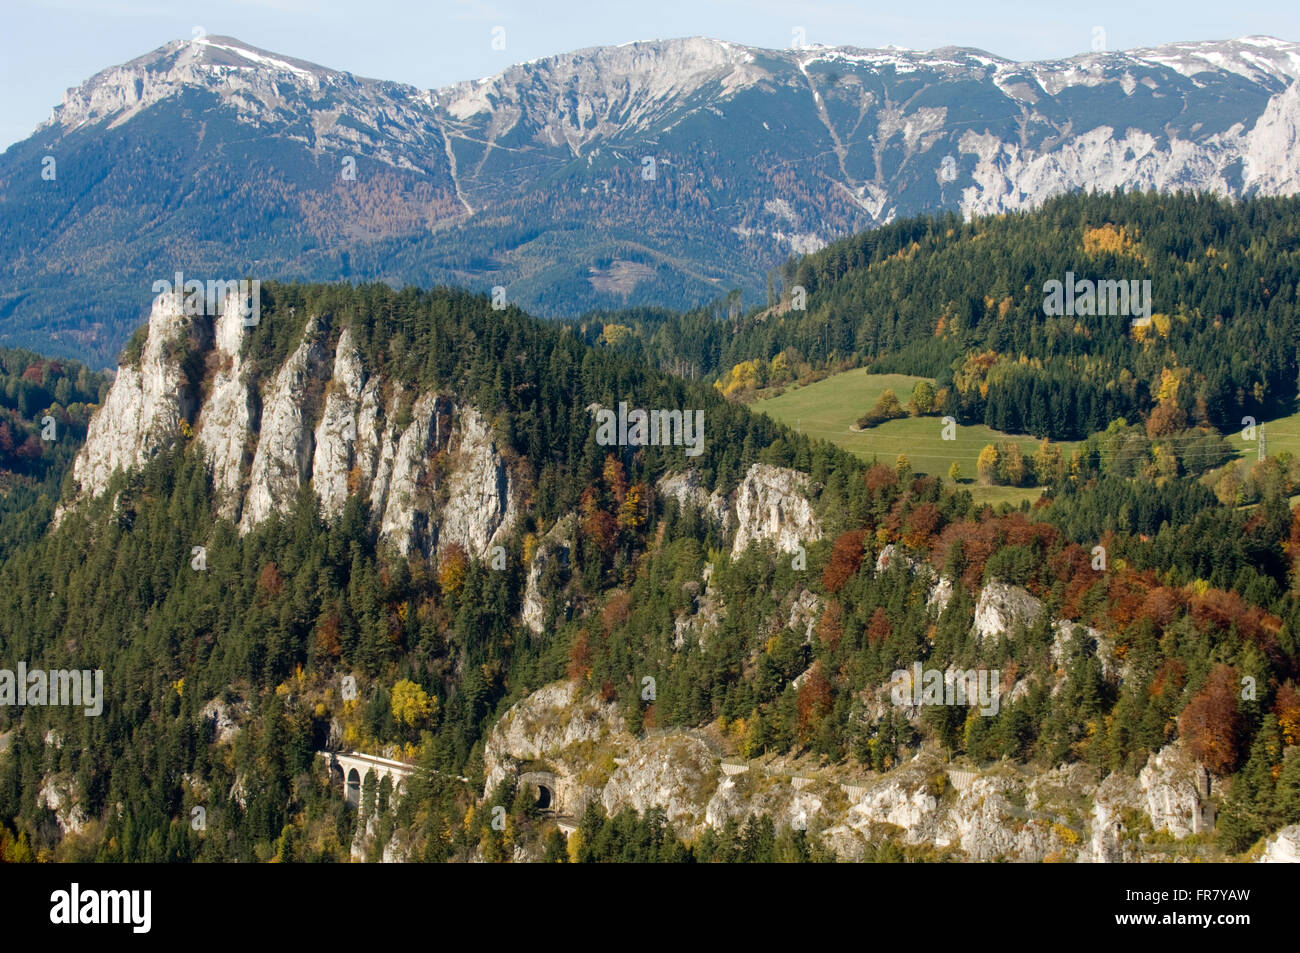 Österreich, Semmering, Blick auf das Viadukt 'Kalte Rinne' und Polleroswand - Stock Image